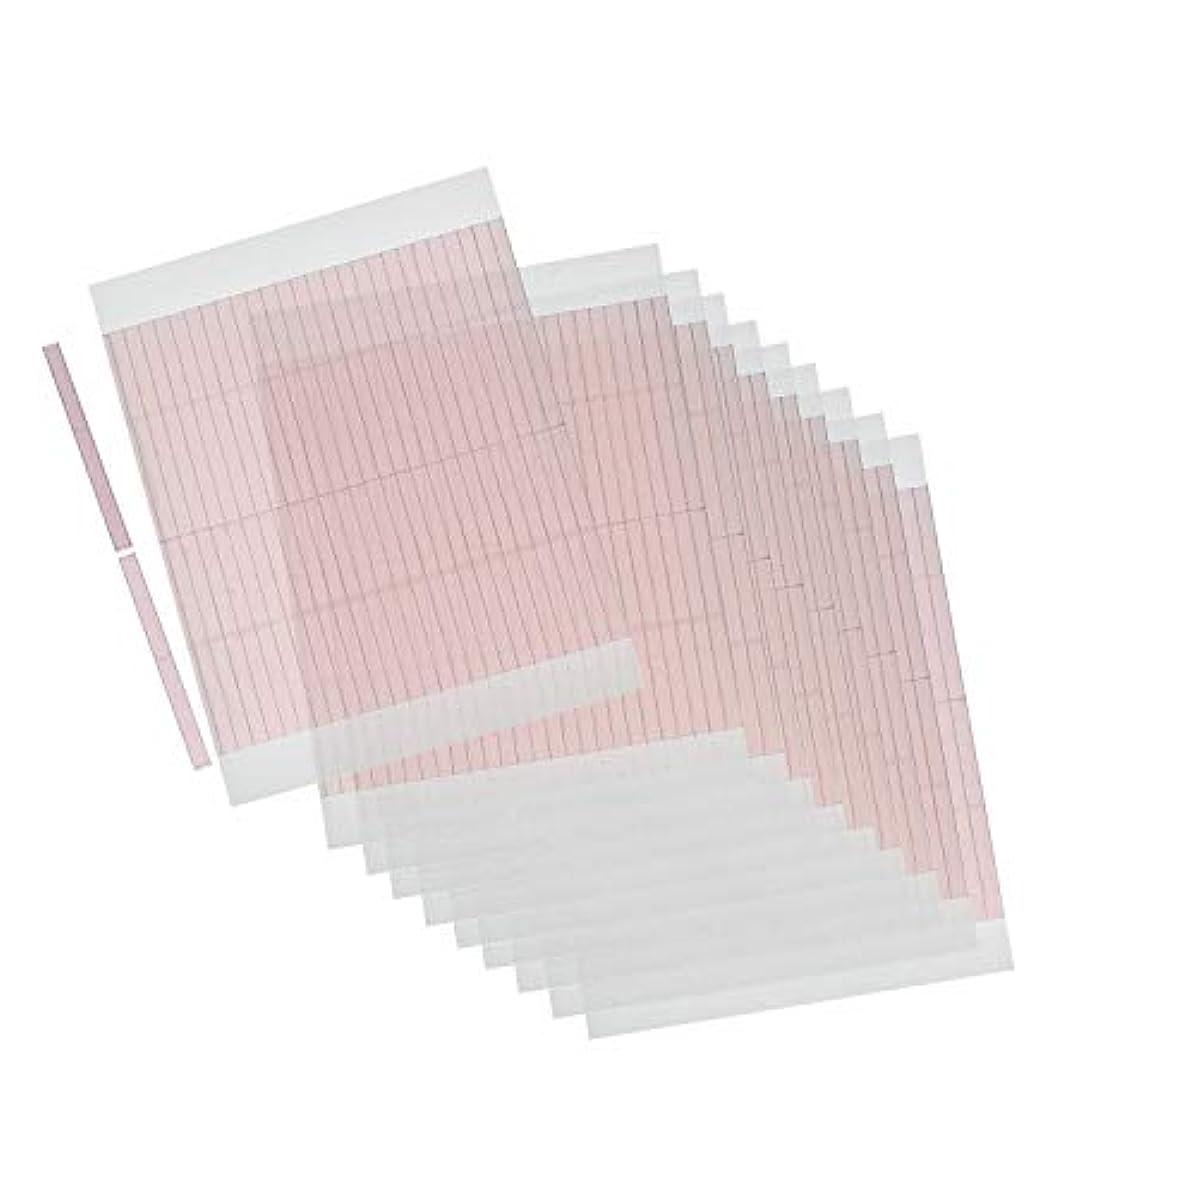 半導体レイア海藻m.tivance アイテープ 二重瞼形成 二重テープ 10シートセット 520本入り/アイテープ10枚セット